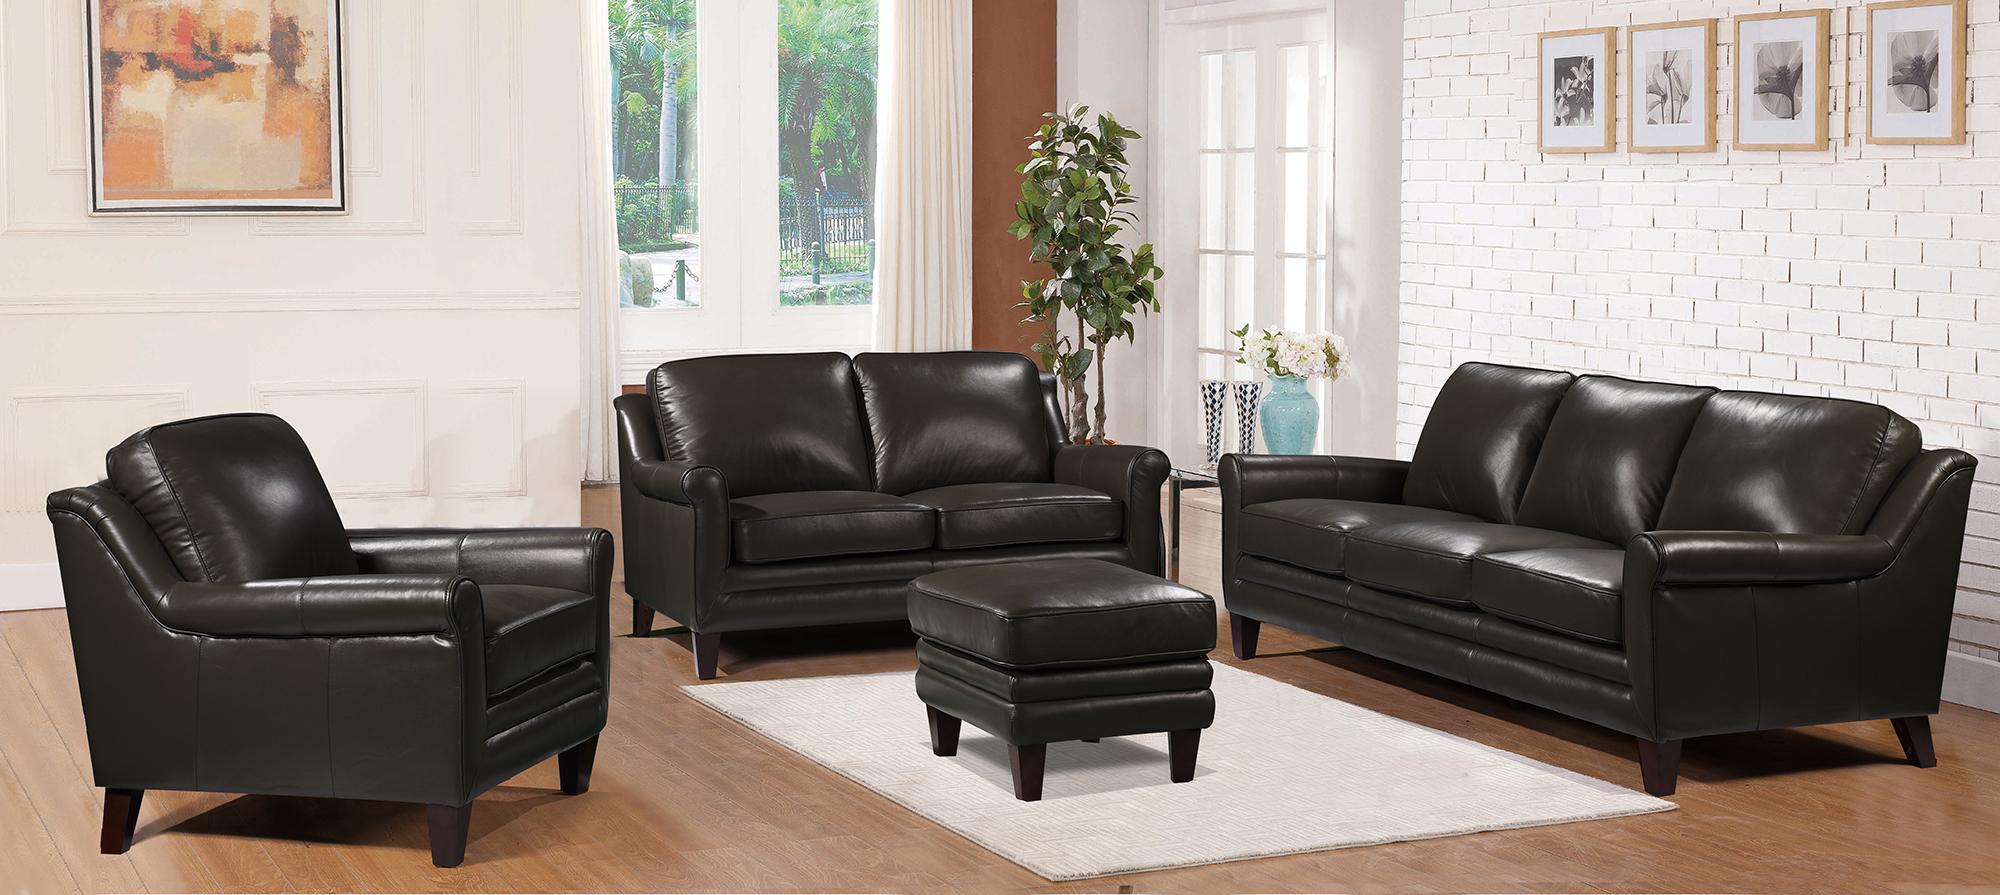 grandover leather sofa